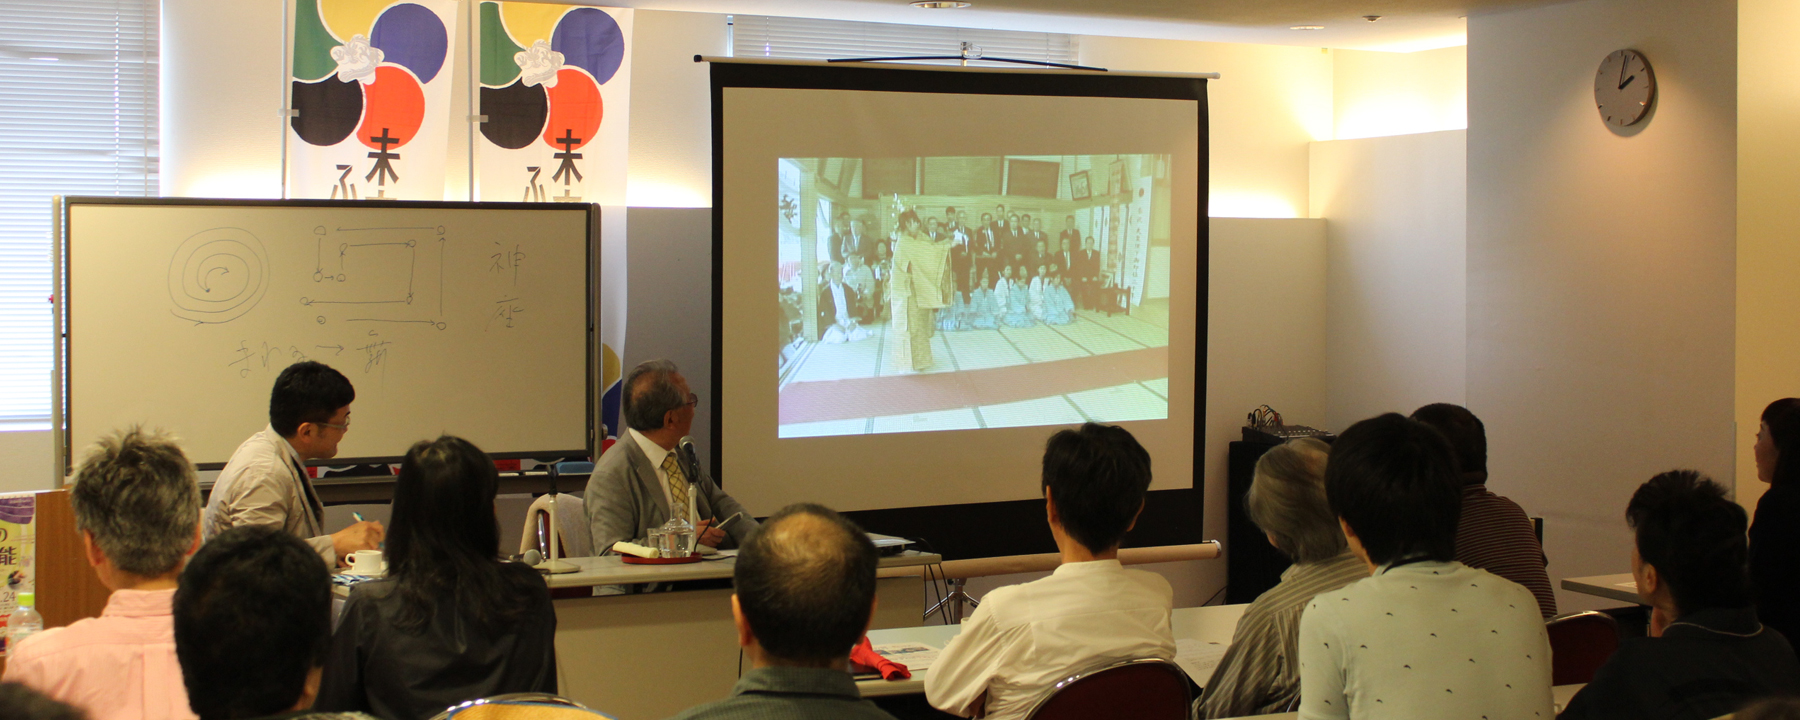 未来の祀りカフェ.vol1(通算6回目)「~懸田弘訓氏から学ぶ東北の伝統芸能~」おかげさまで盛会でした!